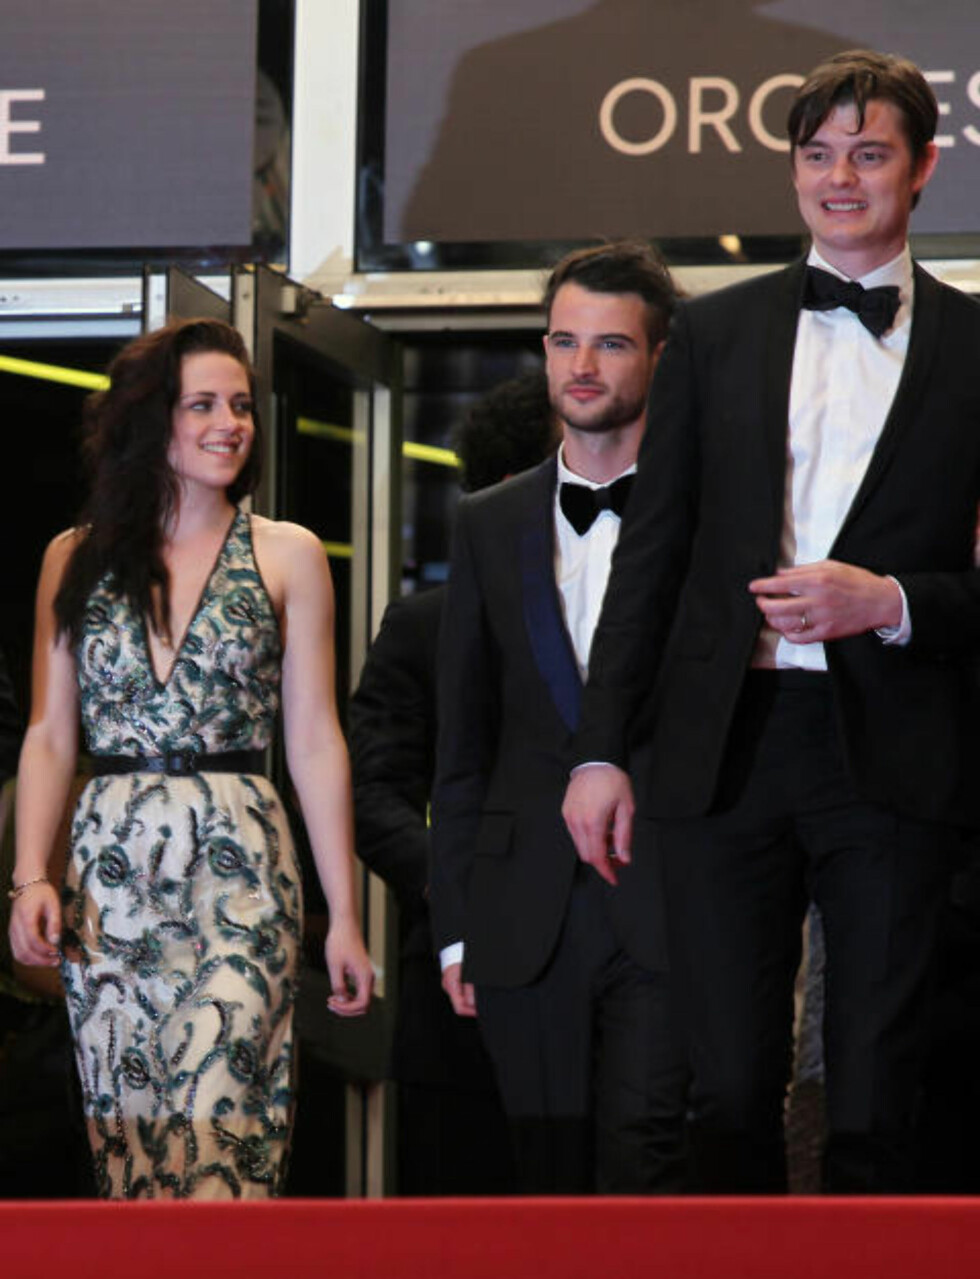 TRANG FØDSEL: I mai lanserte (fra venstre) Kristen Stewart, Tom Sturridge og Sam Riley «On the Road» med brask og bram i Cannes. Siden har filmen vært tilbake på klippebordet, og nå droppes den på norsk kino. Foto: AP Photo/Scanpix